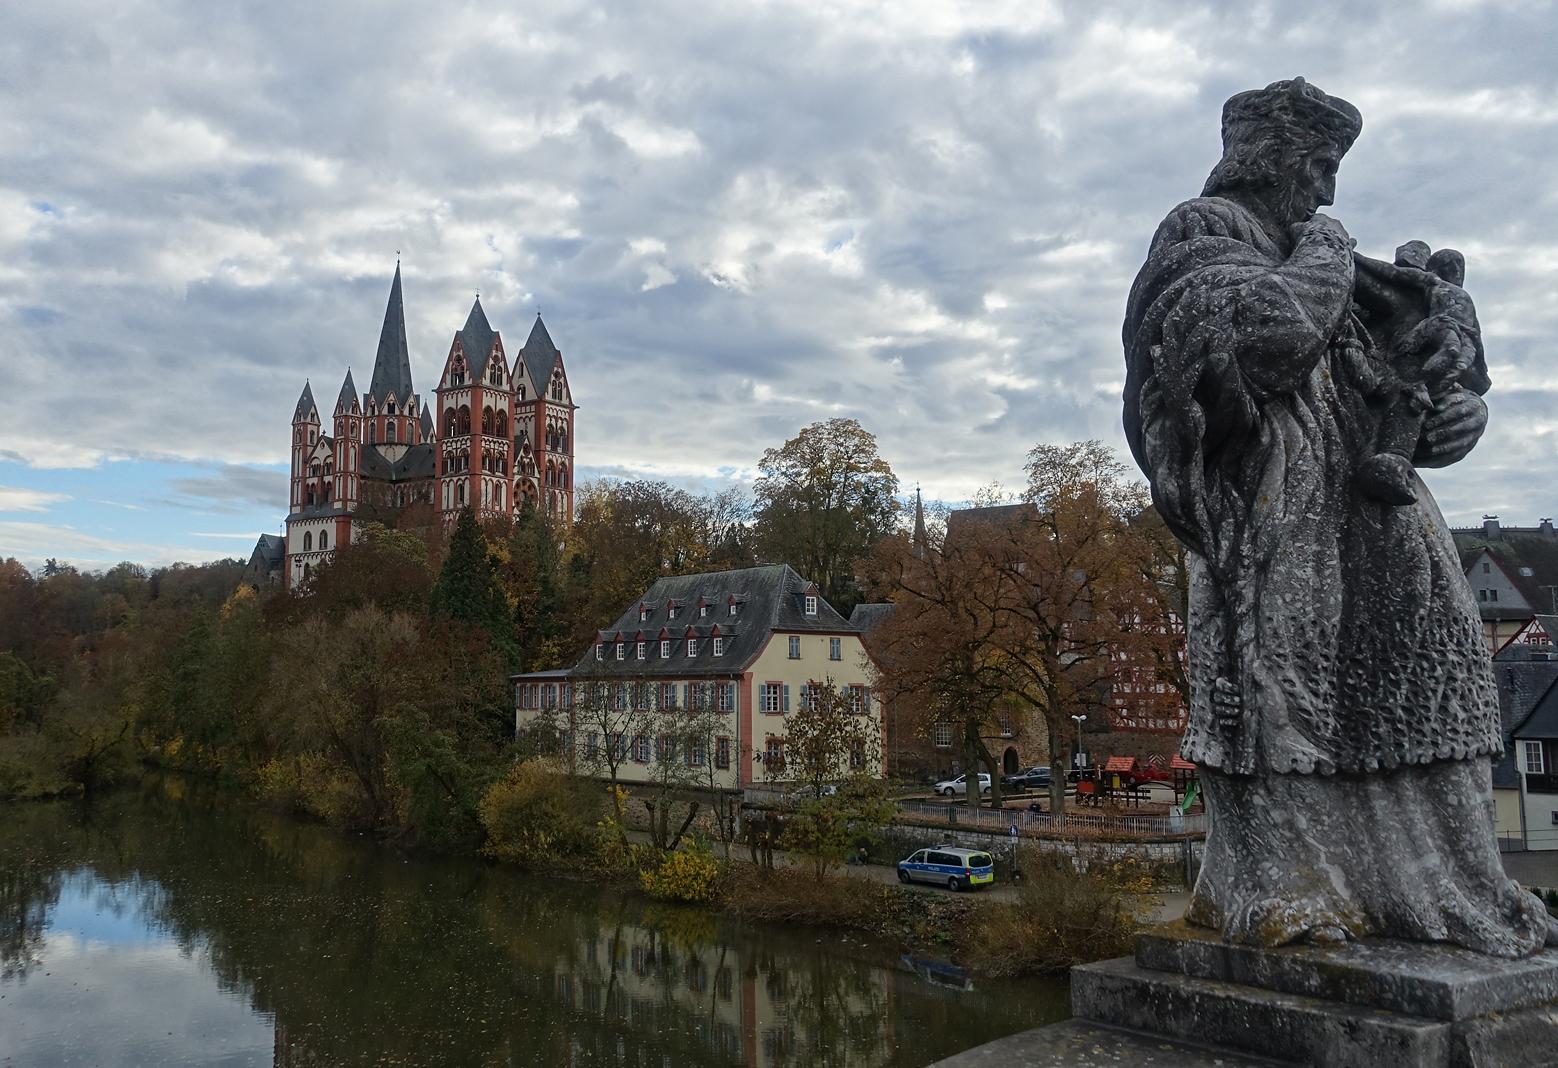 12.-19.11.2018 - Lahn, Mosel, Rhein